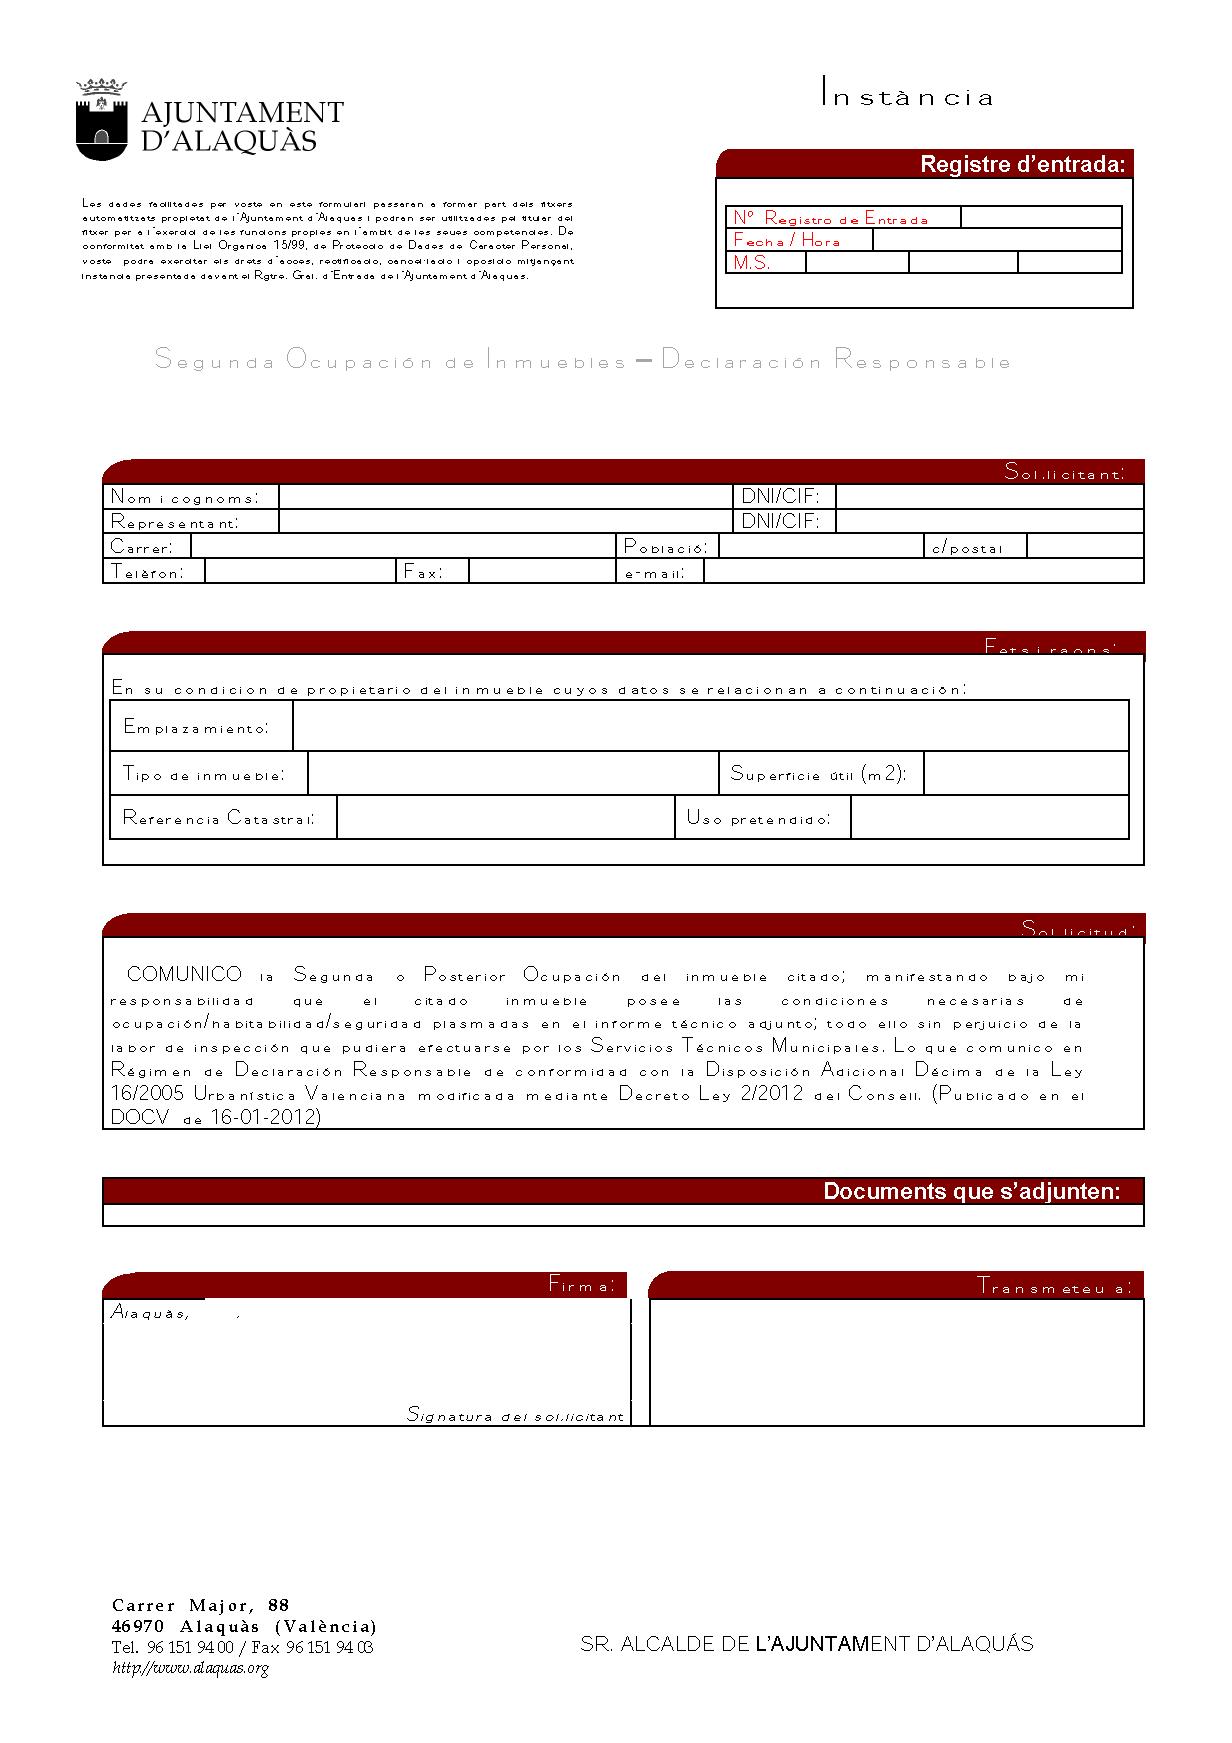 Impreso Declaración Responsable Segunda Ocupación Alaquàs